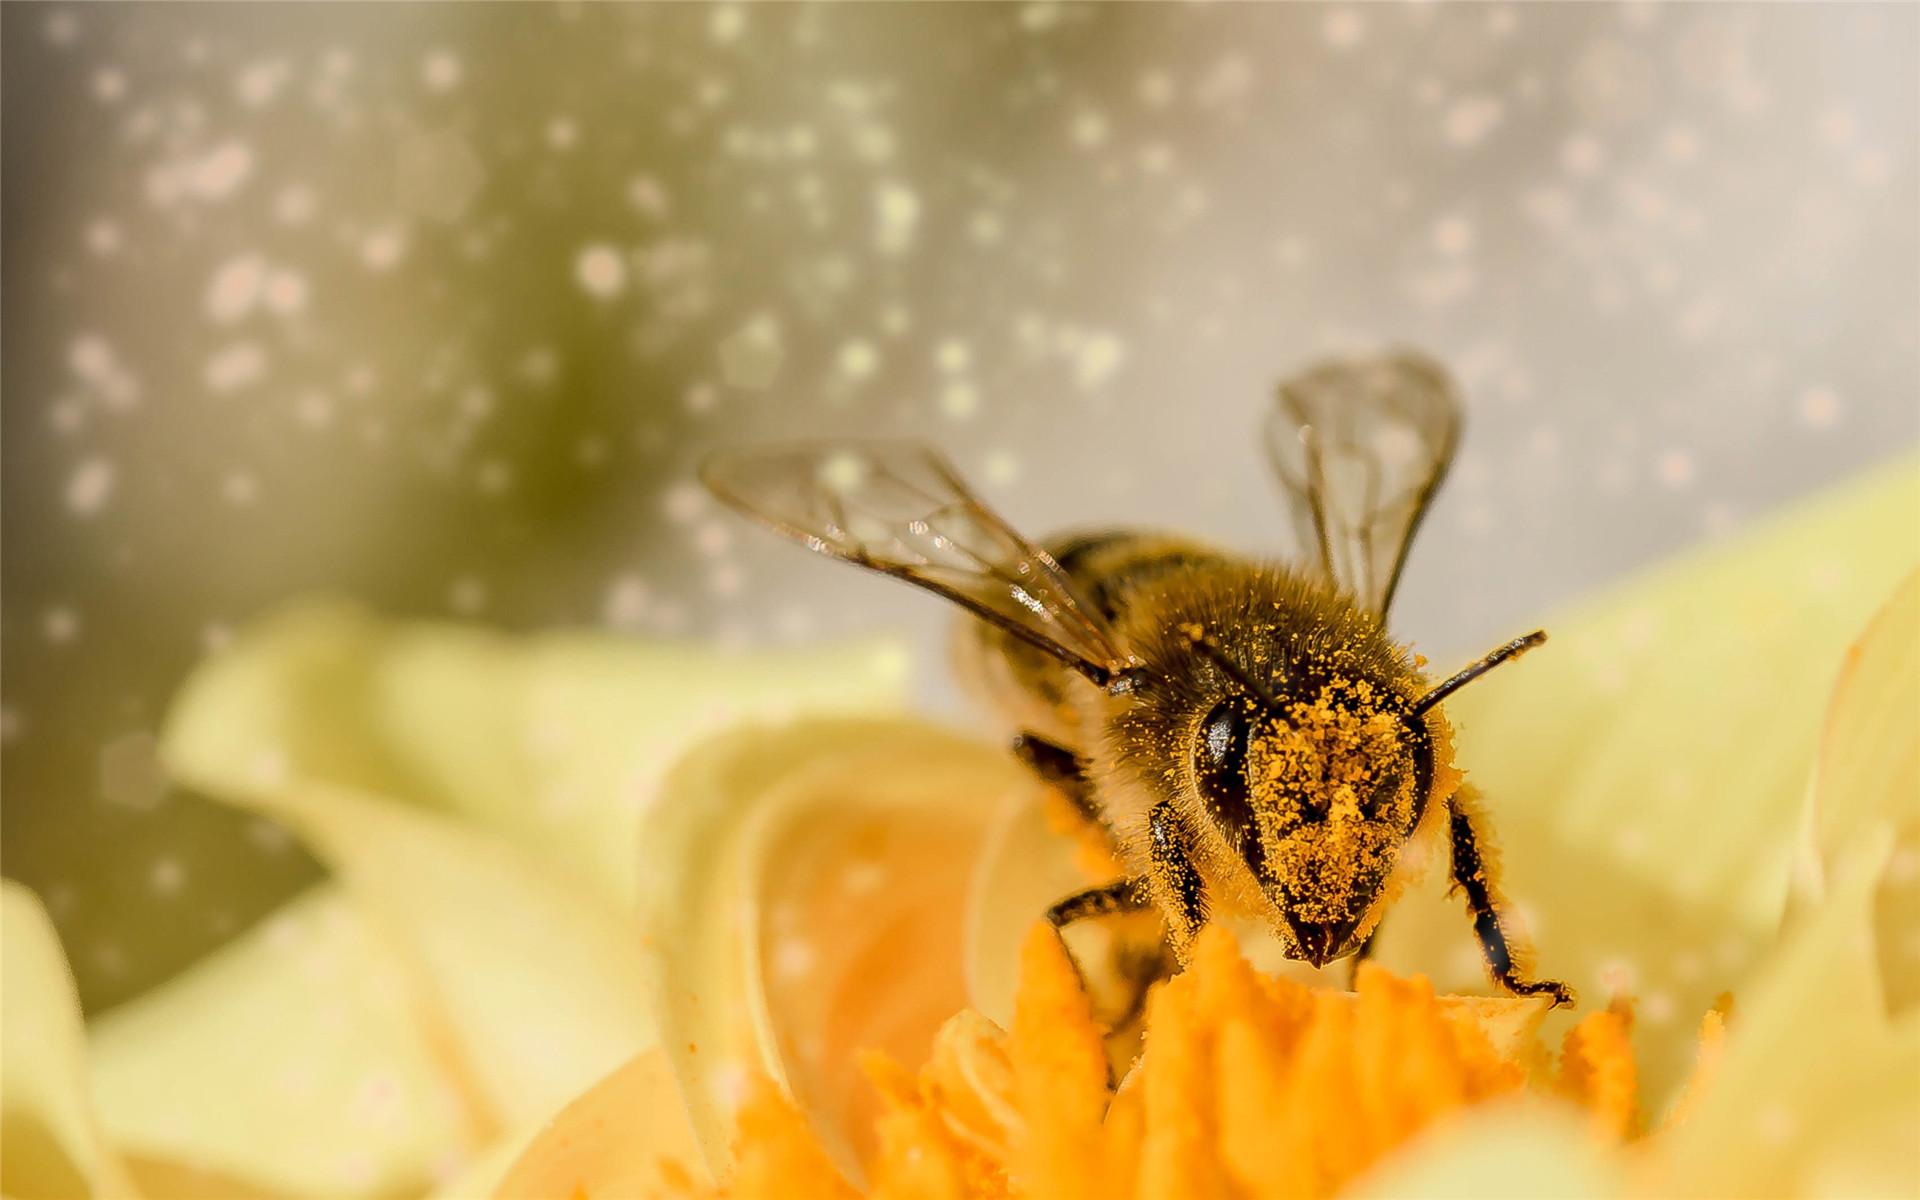 昆虫花卉唯美高清壁纸_采花蜜的小蜜蜂